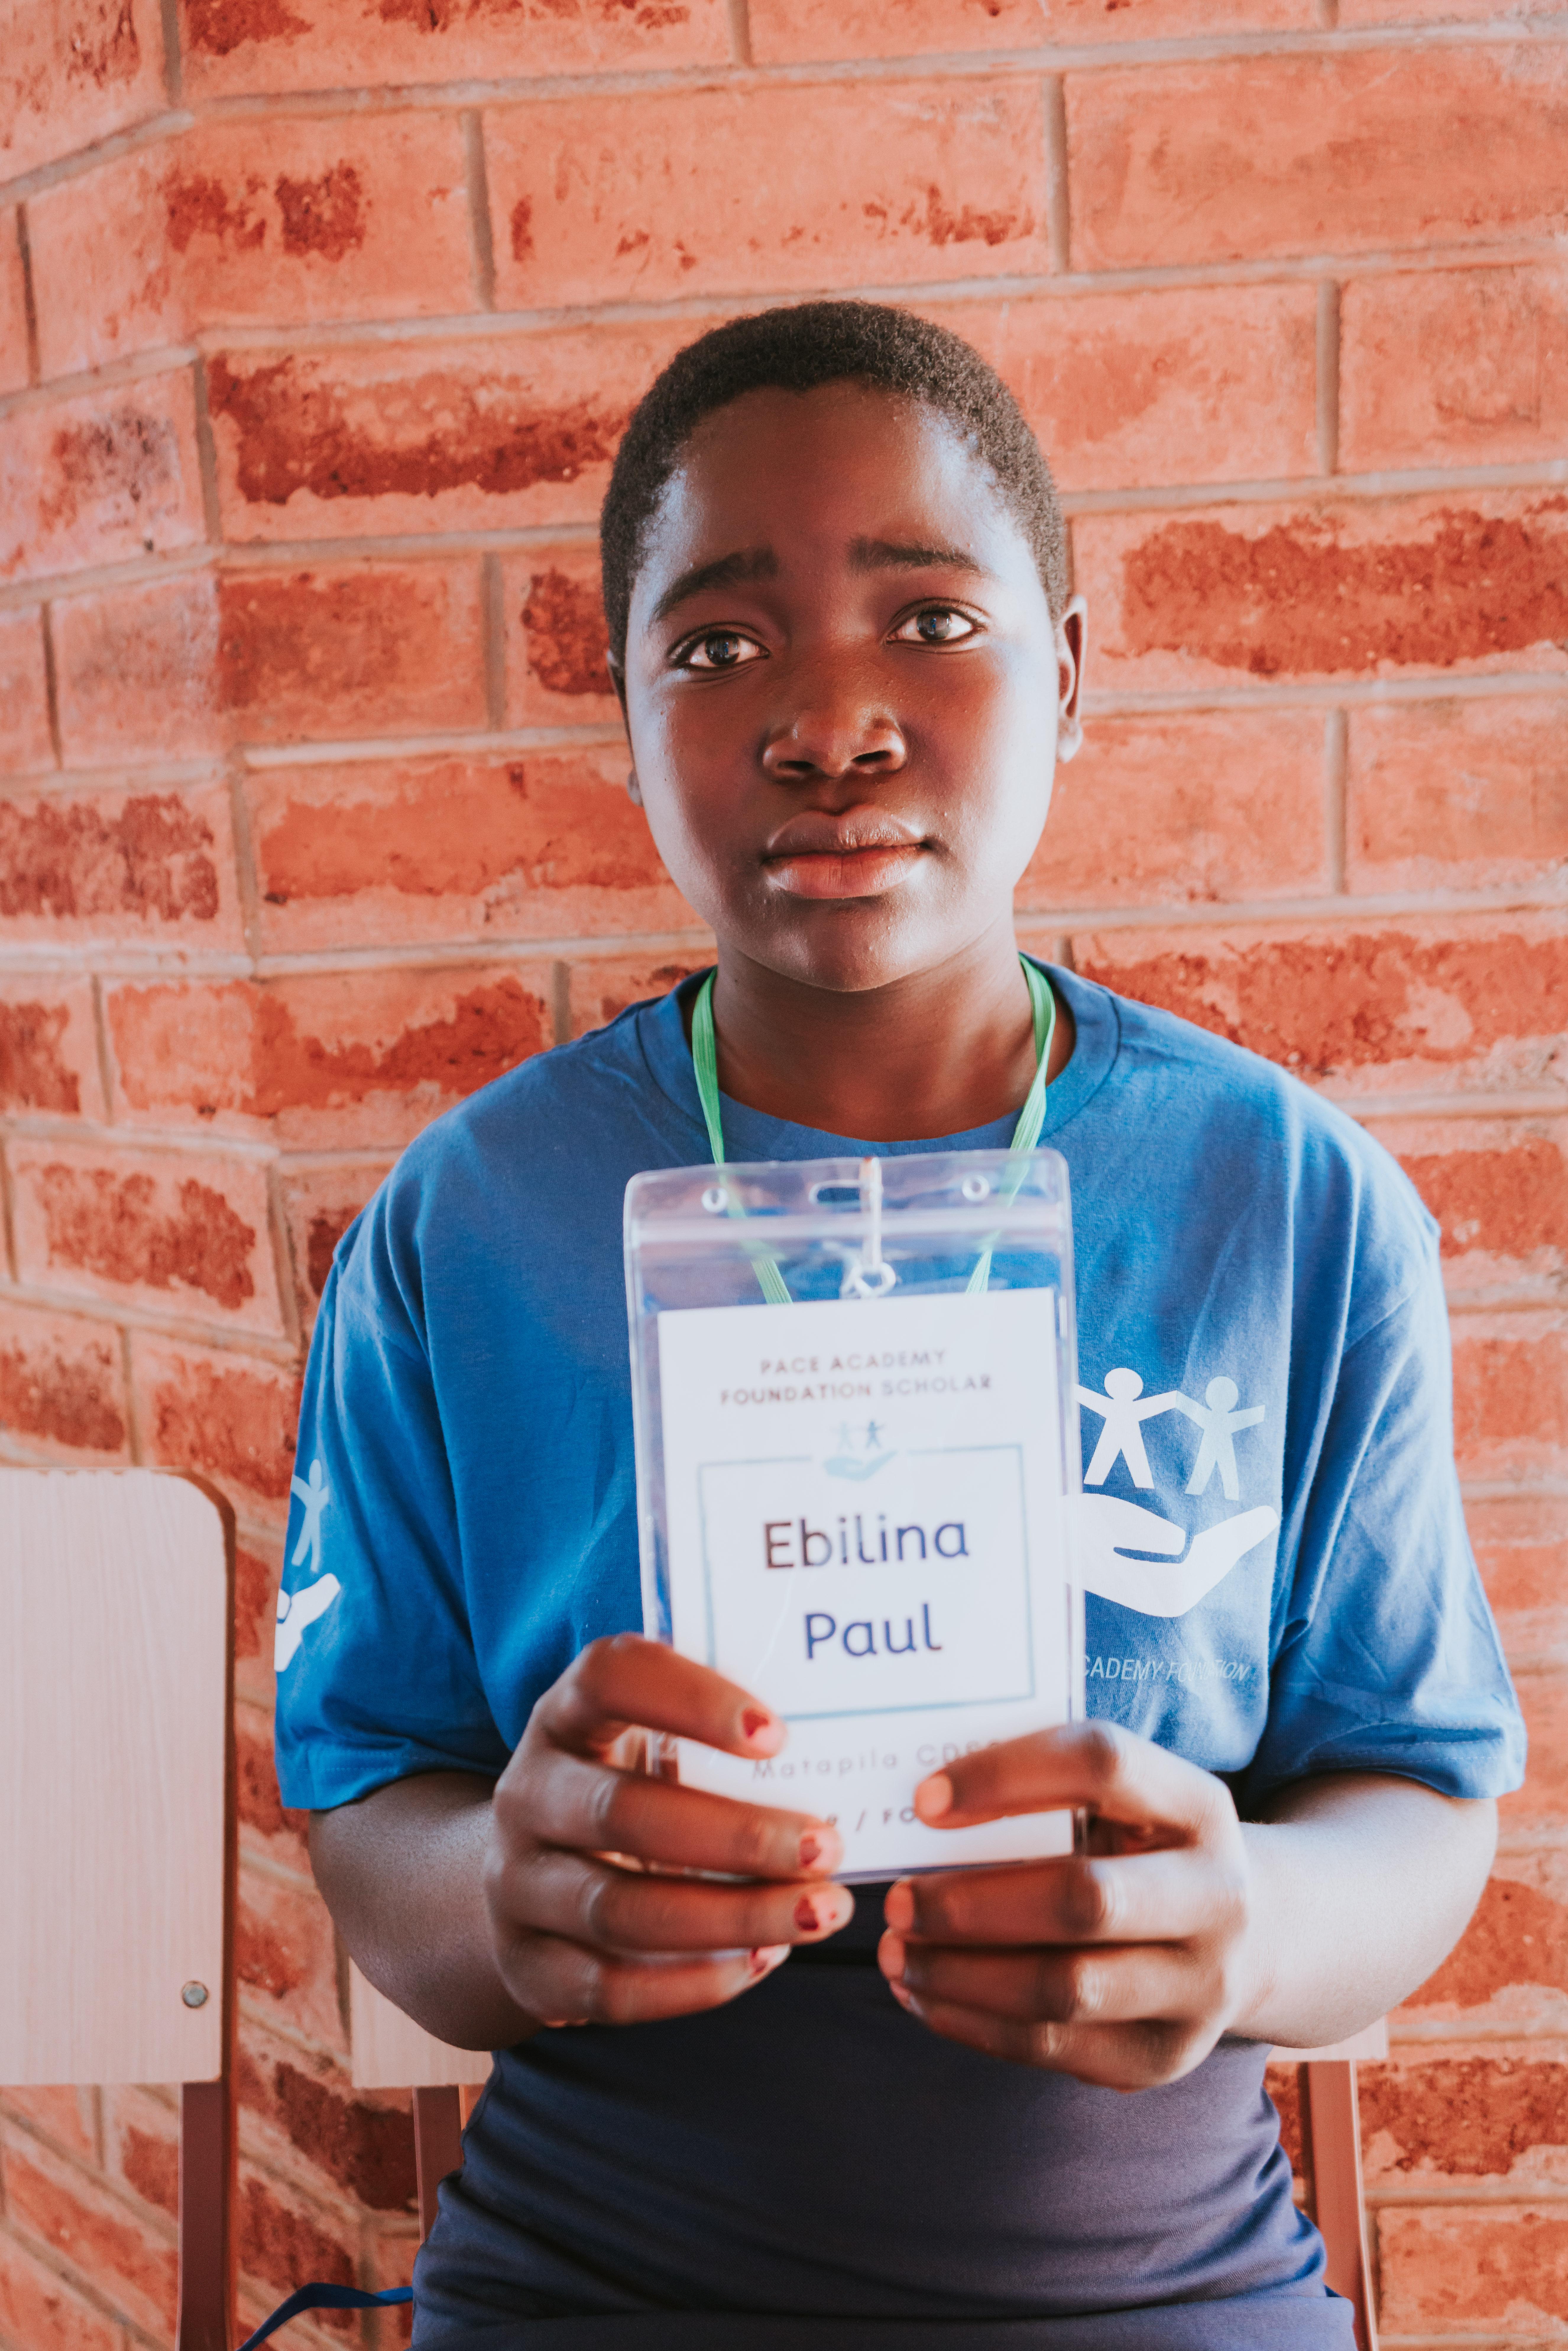 Ebilina Paul (Matapila CDSS)